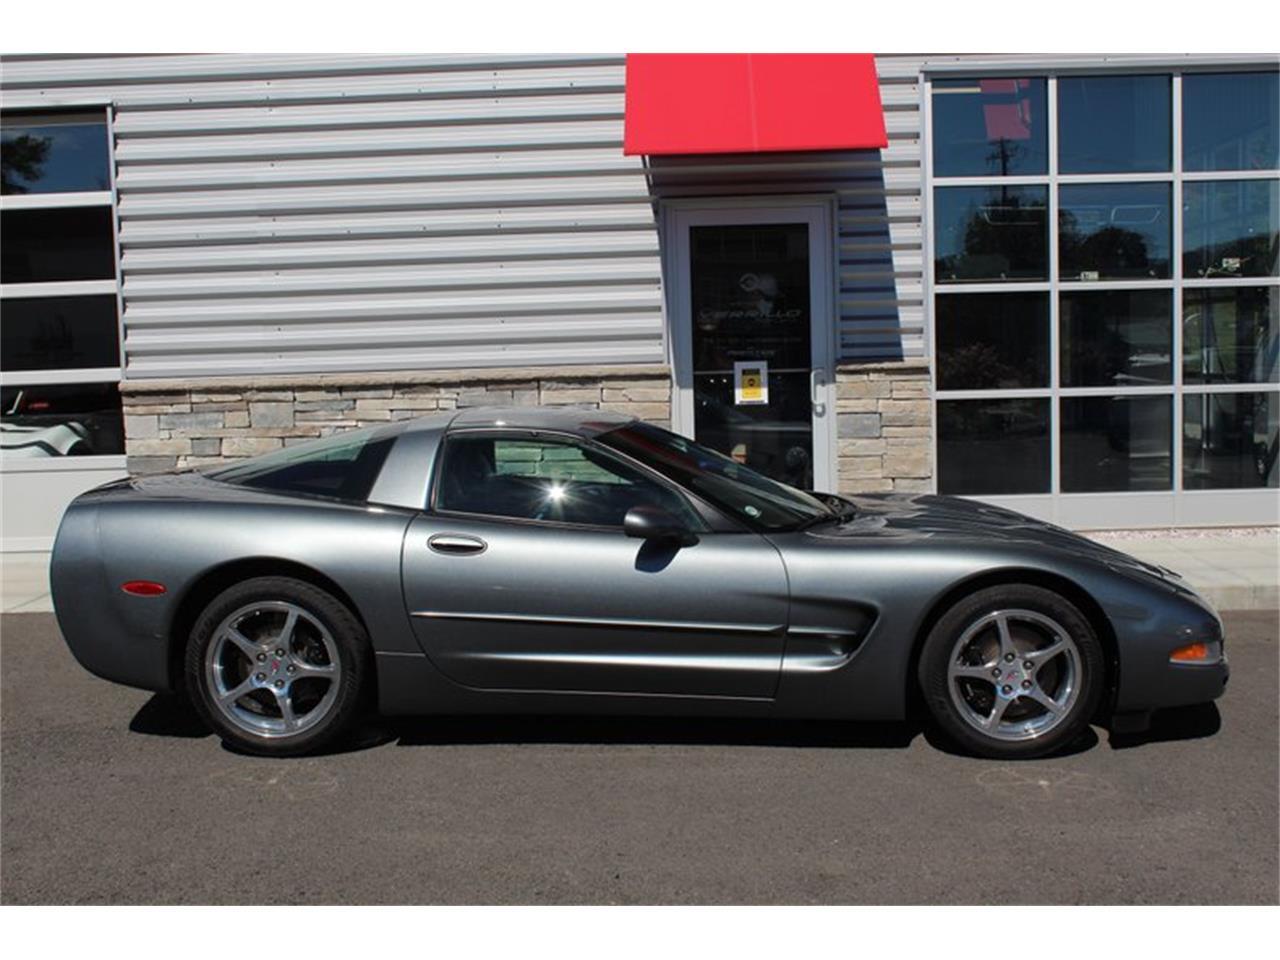 2004 Chevrolet Corvette (CC-1388041) for sale in Clifton Park, New York